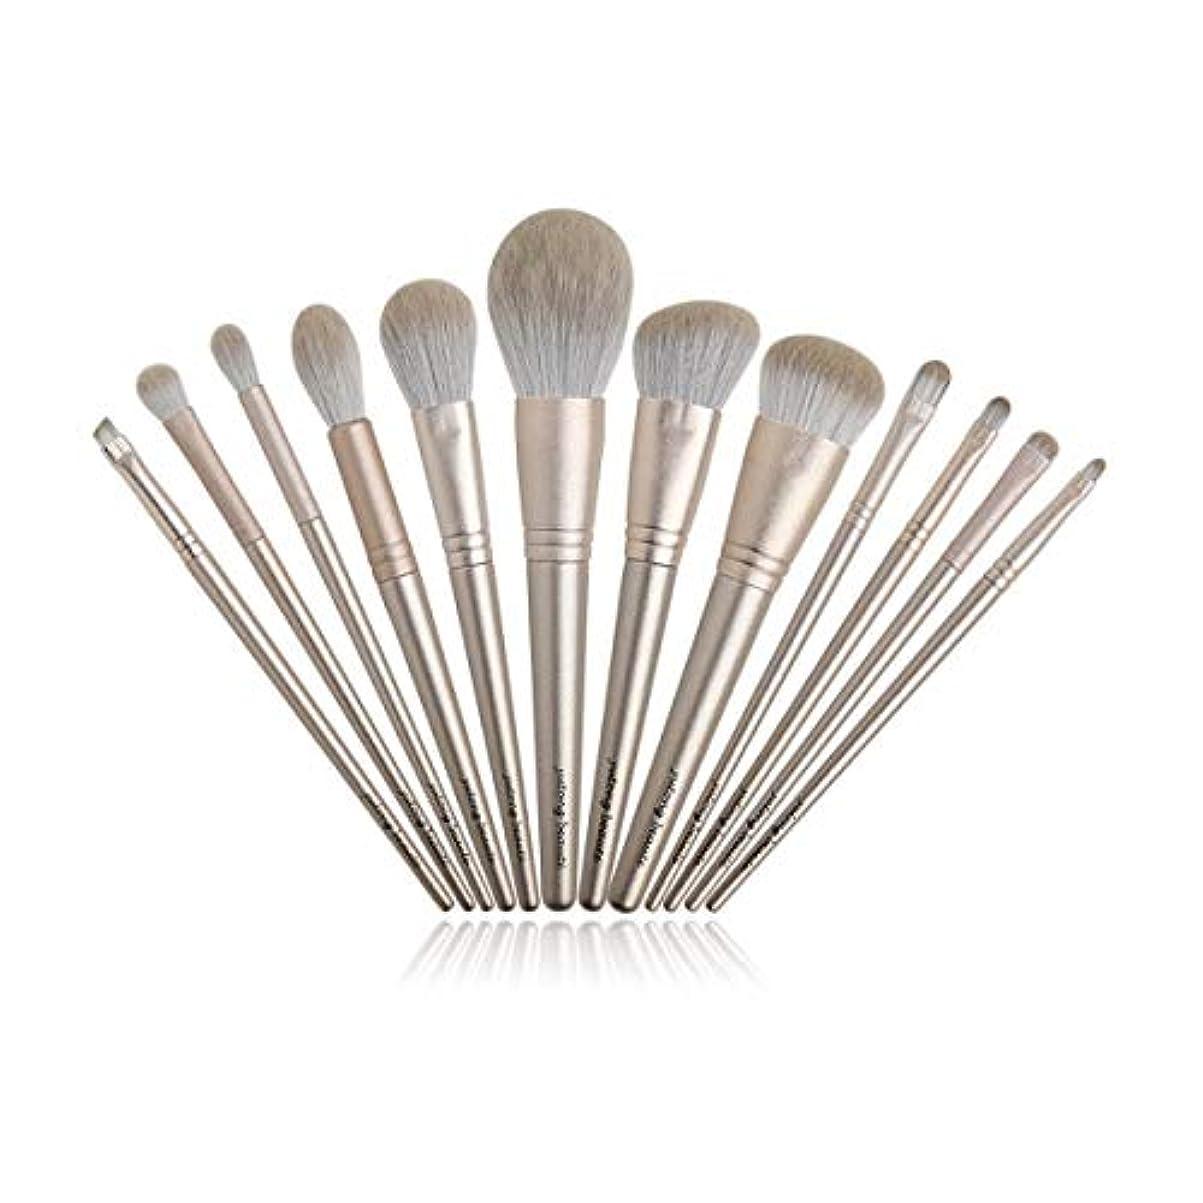 アロング髄正当化するTUOFL メイクブラシ美容ツールベルト保護ネットの設定ファイバー髪のセクションを設定し、12点セット (Color : Gold)